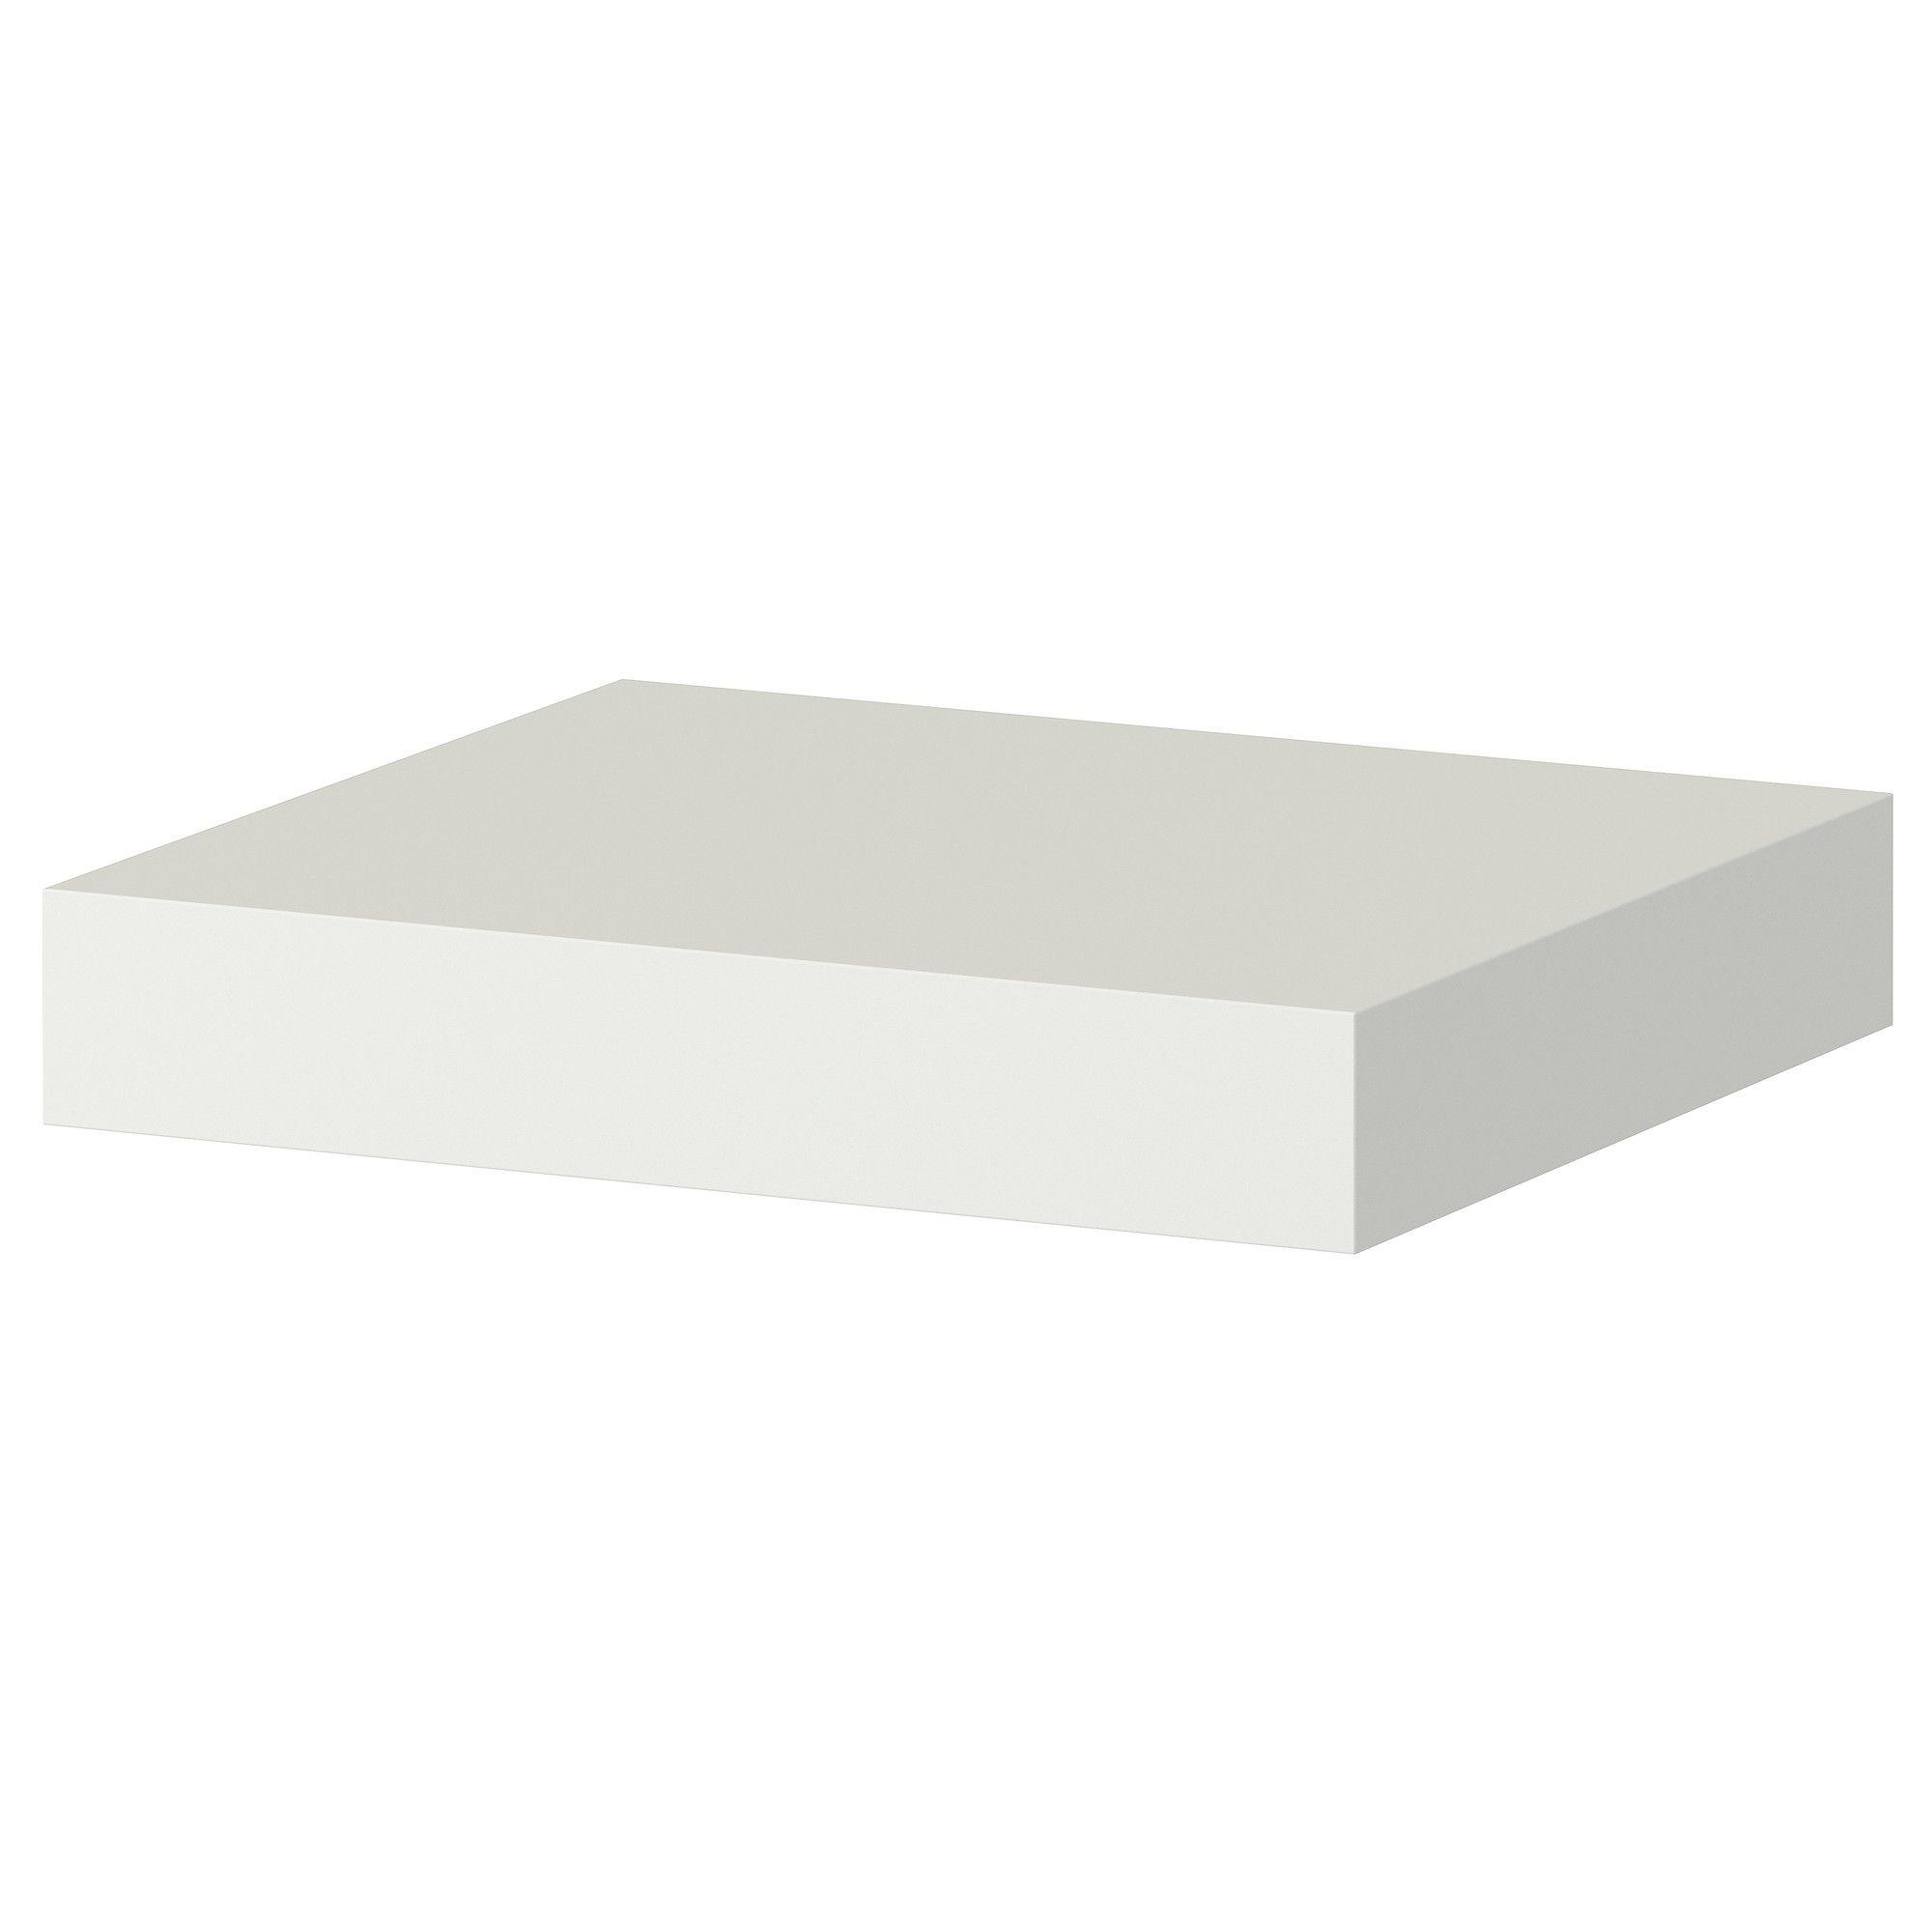 Lack Wall Shelf Ikea 6 99